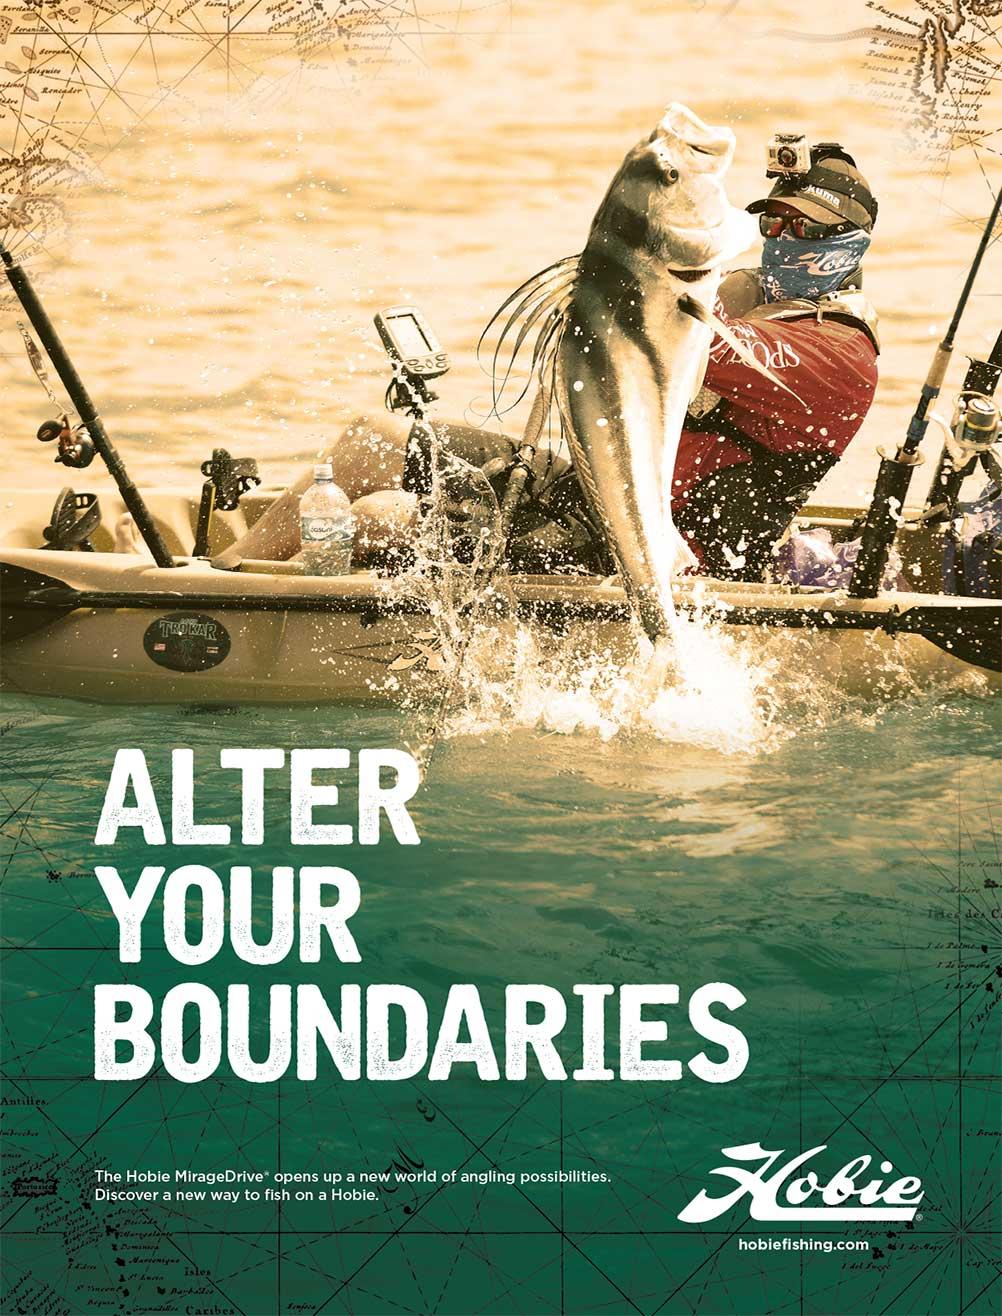 Hobie Fishing Ad by Bob Burks